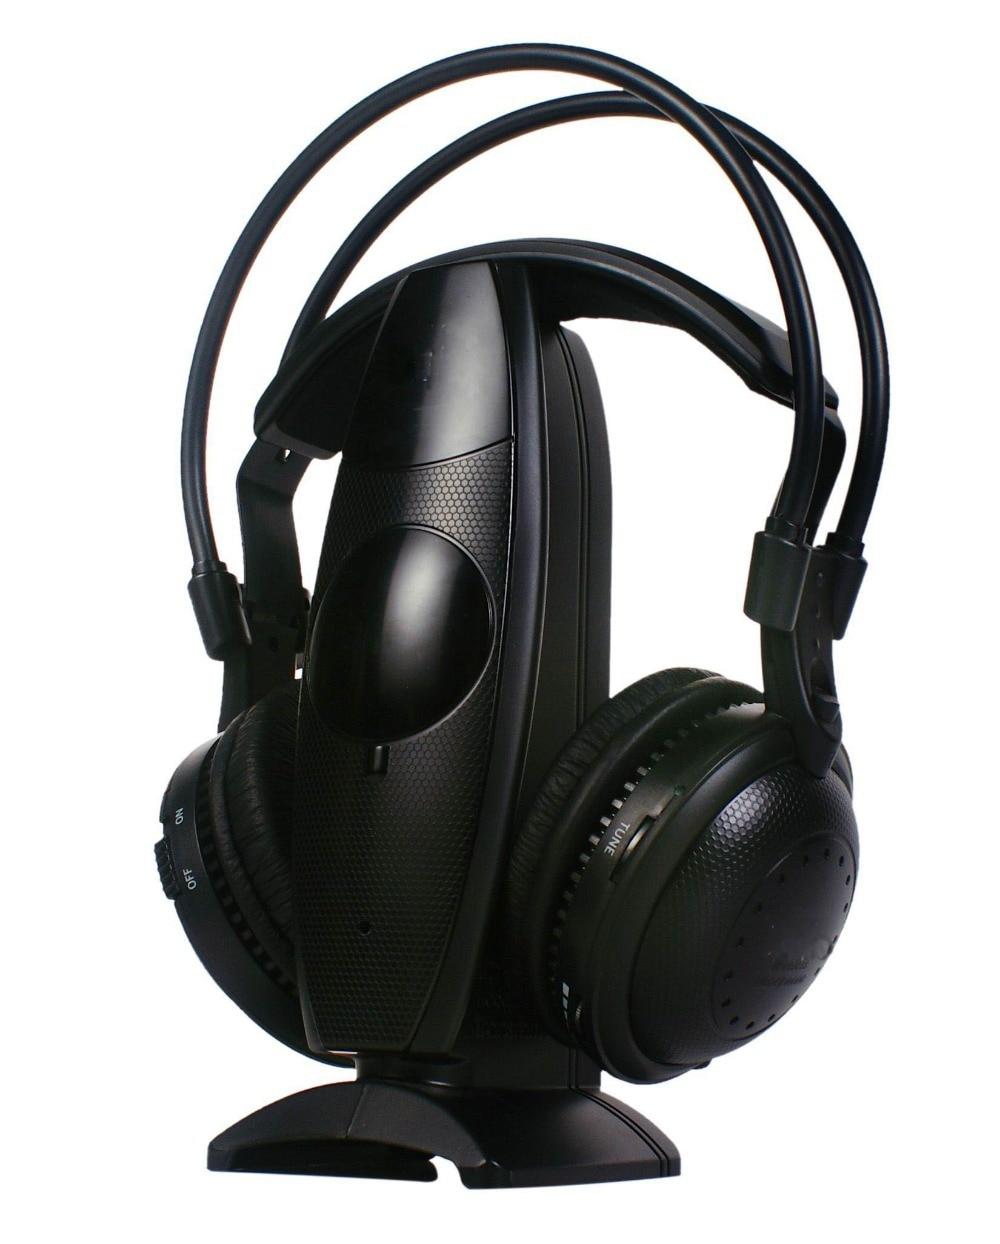 送料無料最低価格の高品質ワイヤレスサイレントディスコヘッドホンパーティー dj イヤホン TV 、 DVD 、 CD 、 pc ワイヤレスヘッドセット  グループ上の 家電製品 からの ヘッドホン/ヘッドセット の中 1